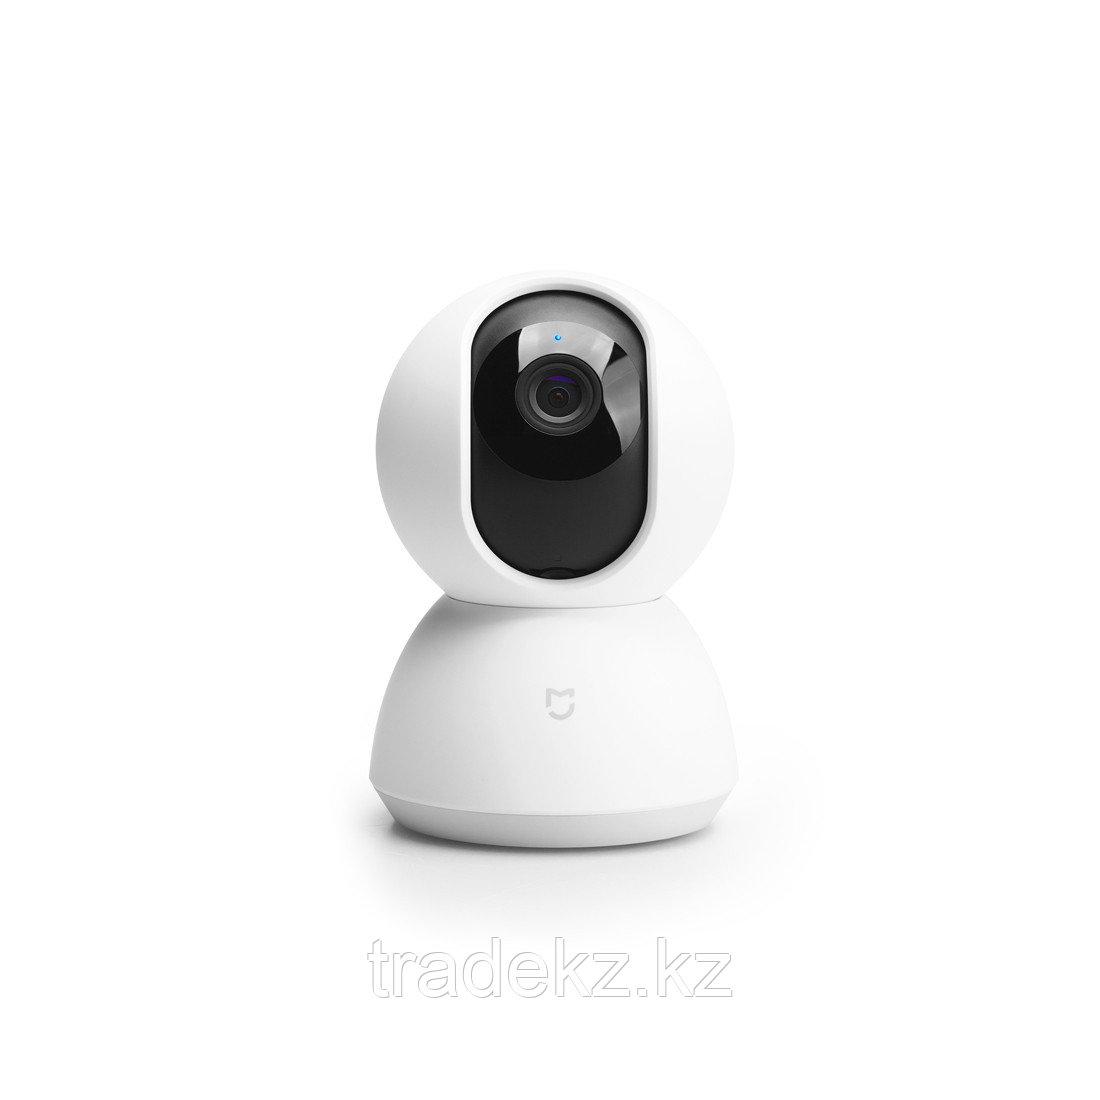 Цифровая камера видеонаблюдения MIJIA Xiaobai Smart Camera 720p